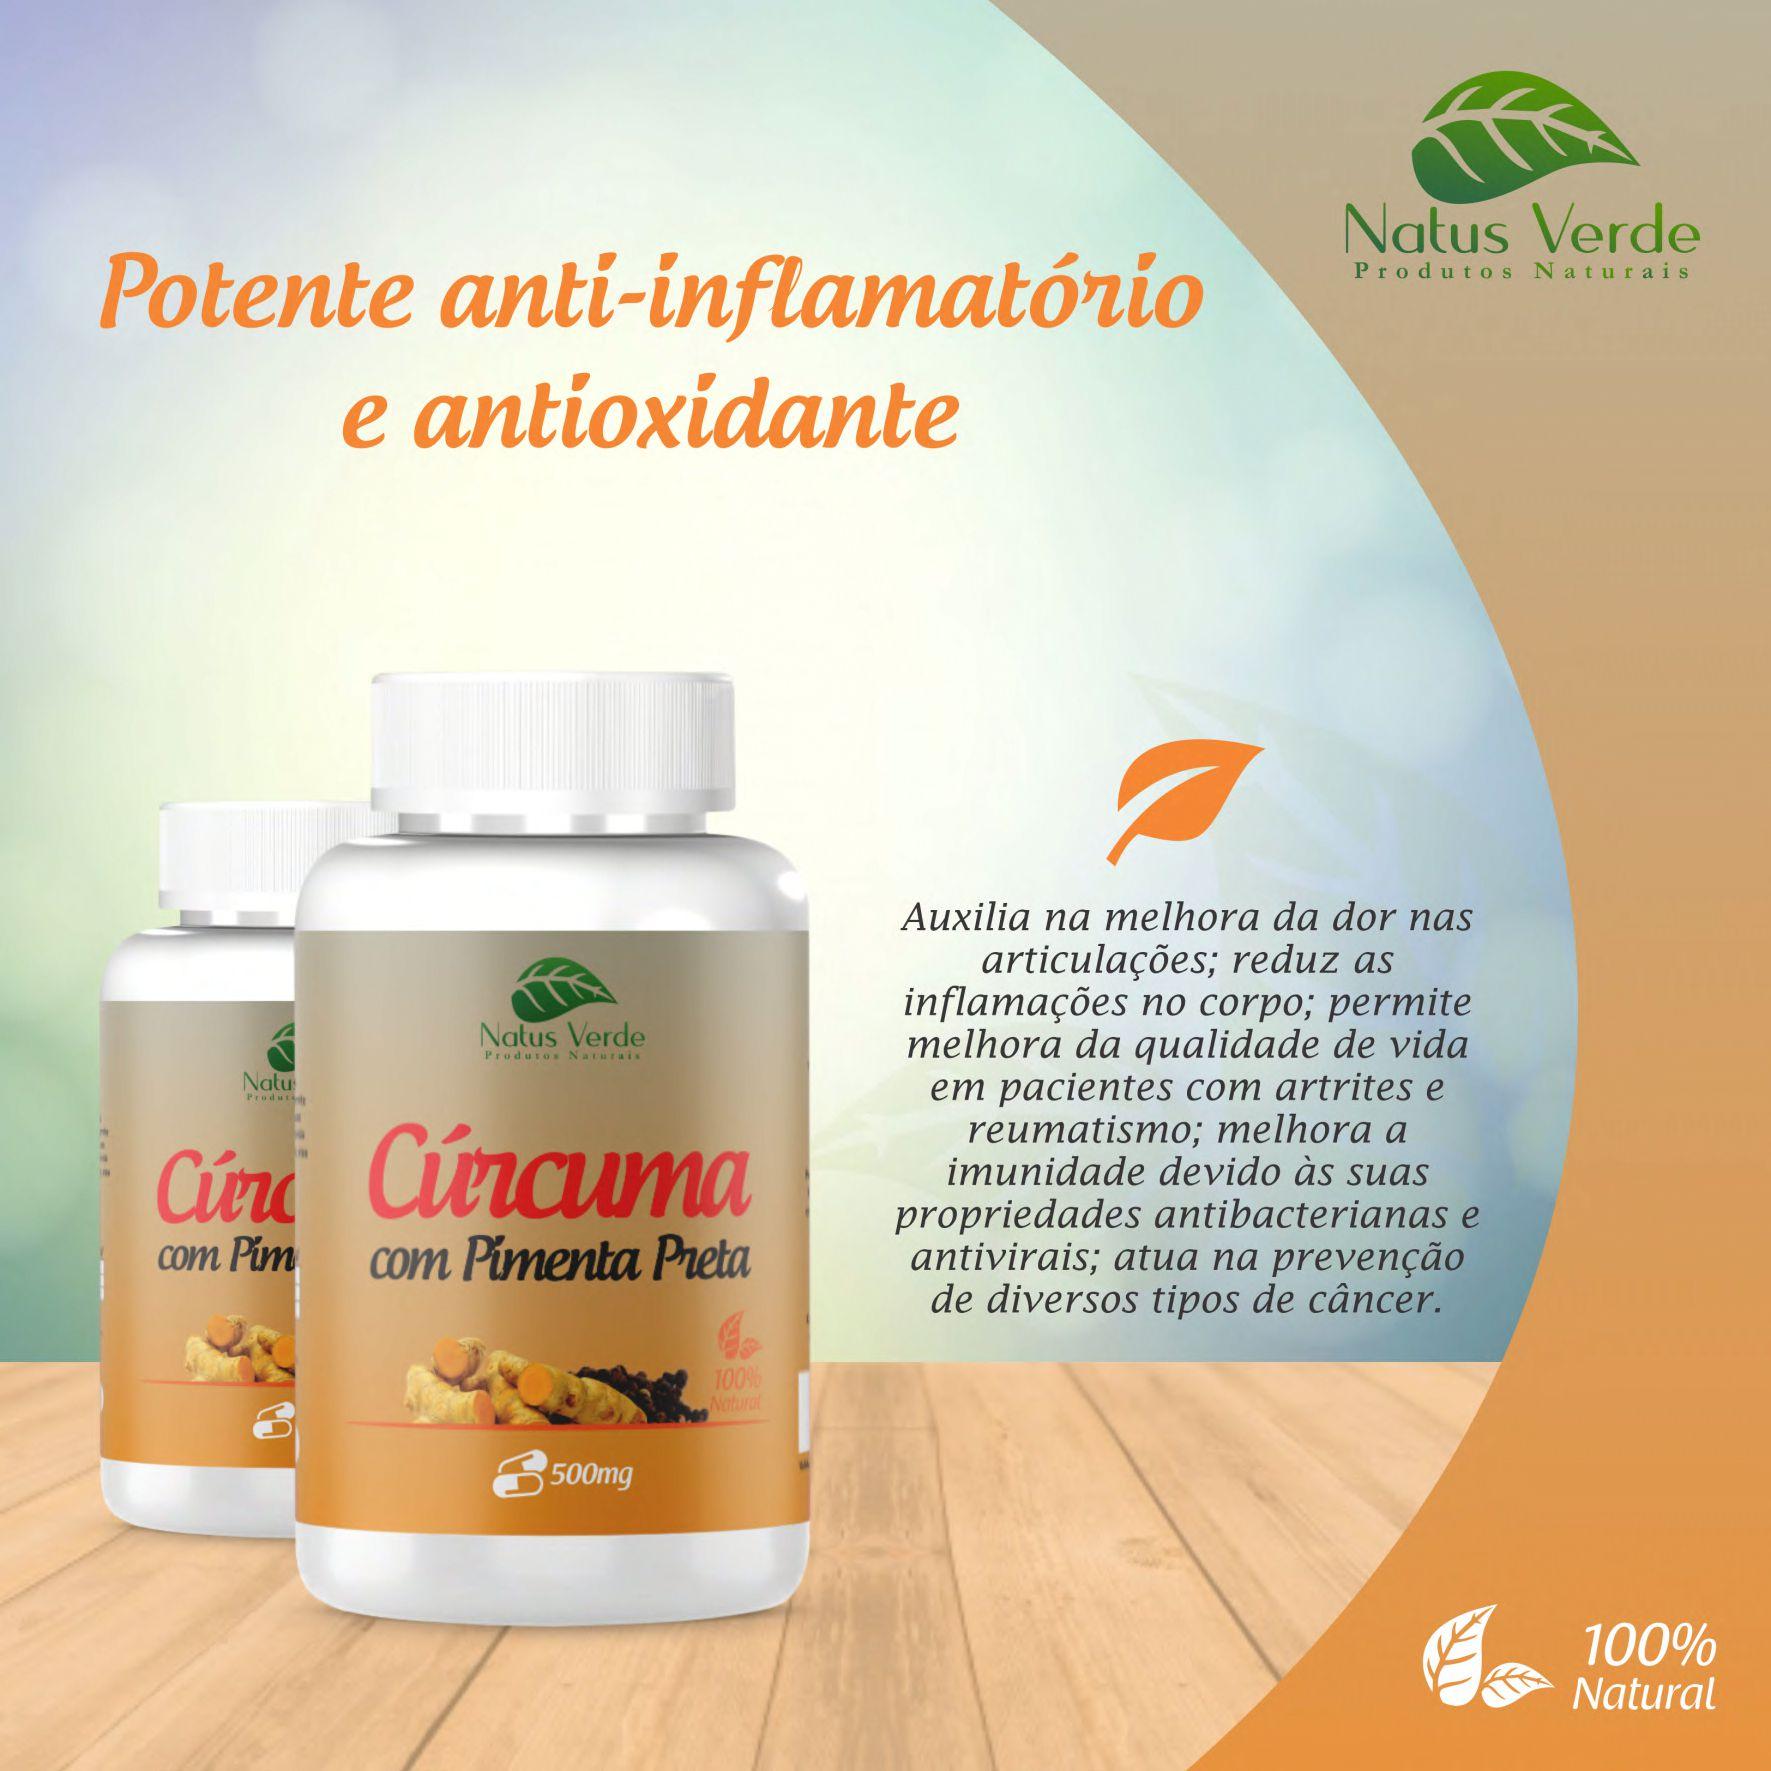 Anti-Inflamatório Natural Curcuma Com Pimenta Preta 60 Cap. Natus Verde  - Fribasex - Fabricasex.com